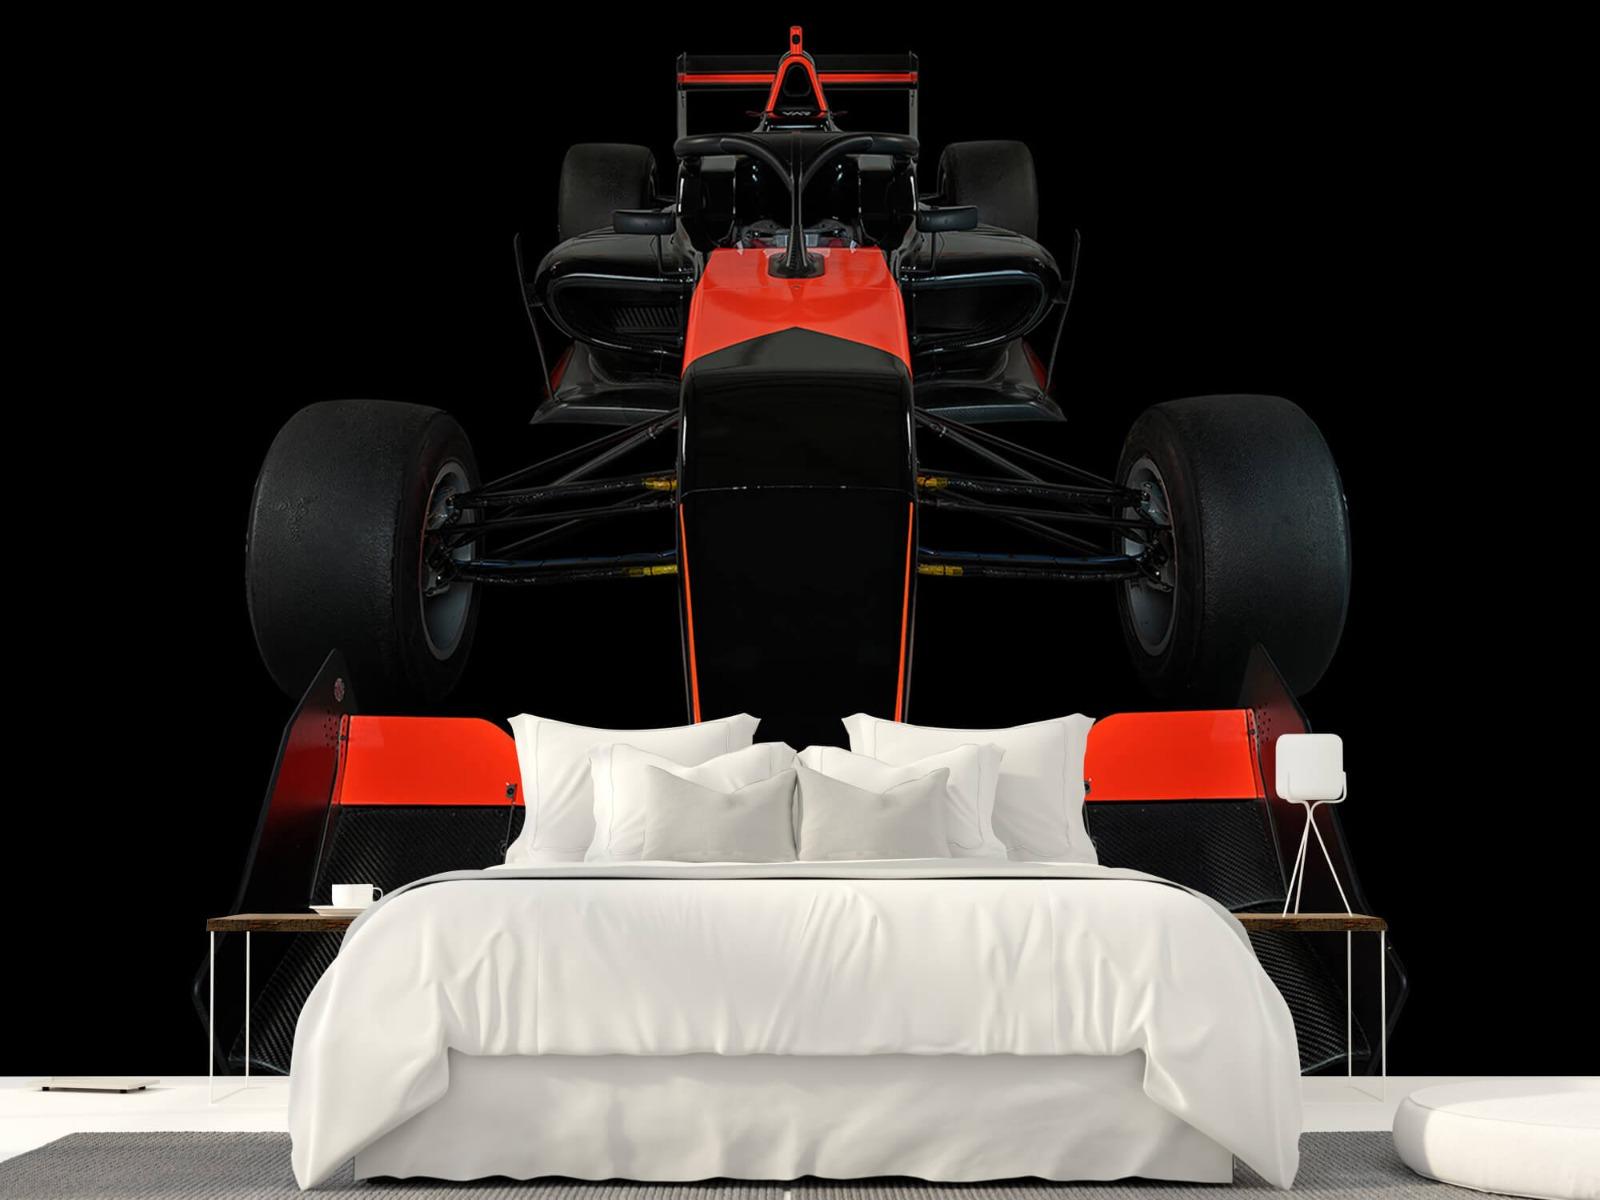 Sportauto's - Formule 3 - Front view - dark - Tienerkamer 24